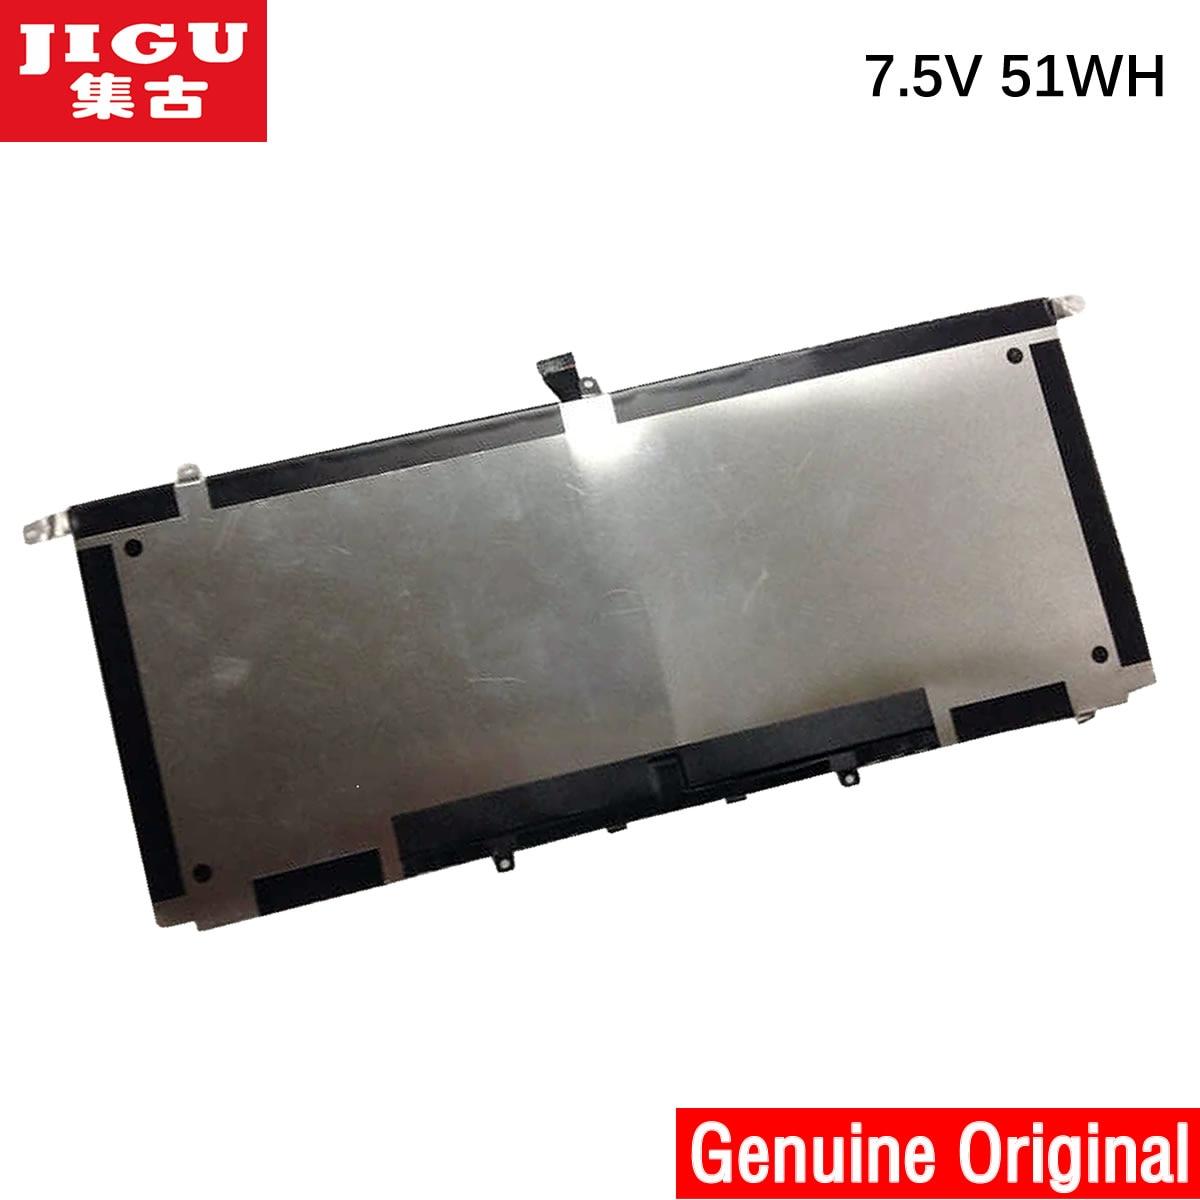 JIGU ORIGNAL laptop battery FOR HP Spectre 13t-3000 13-3000 13-3000ed